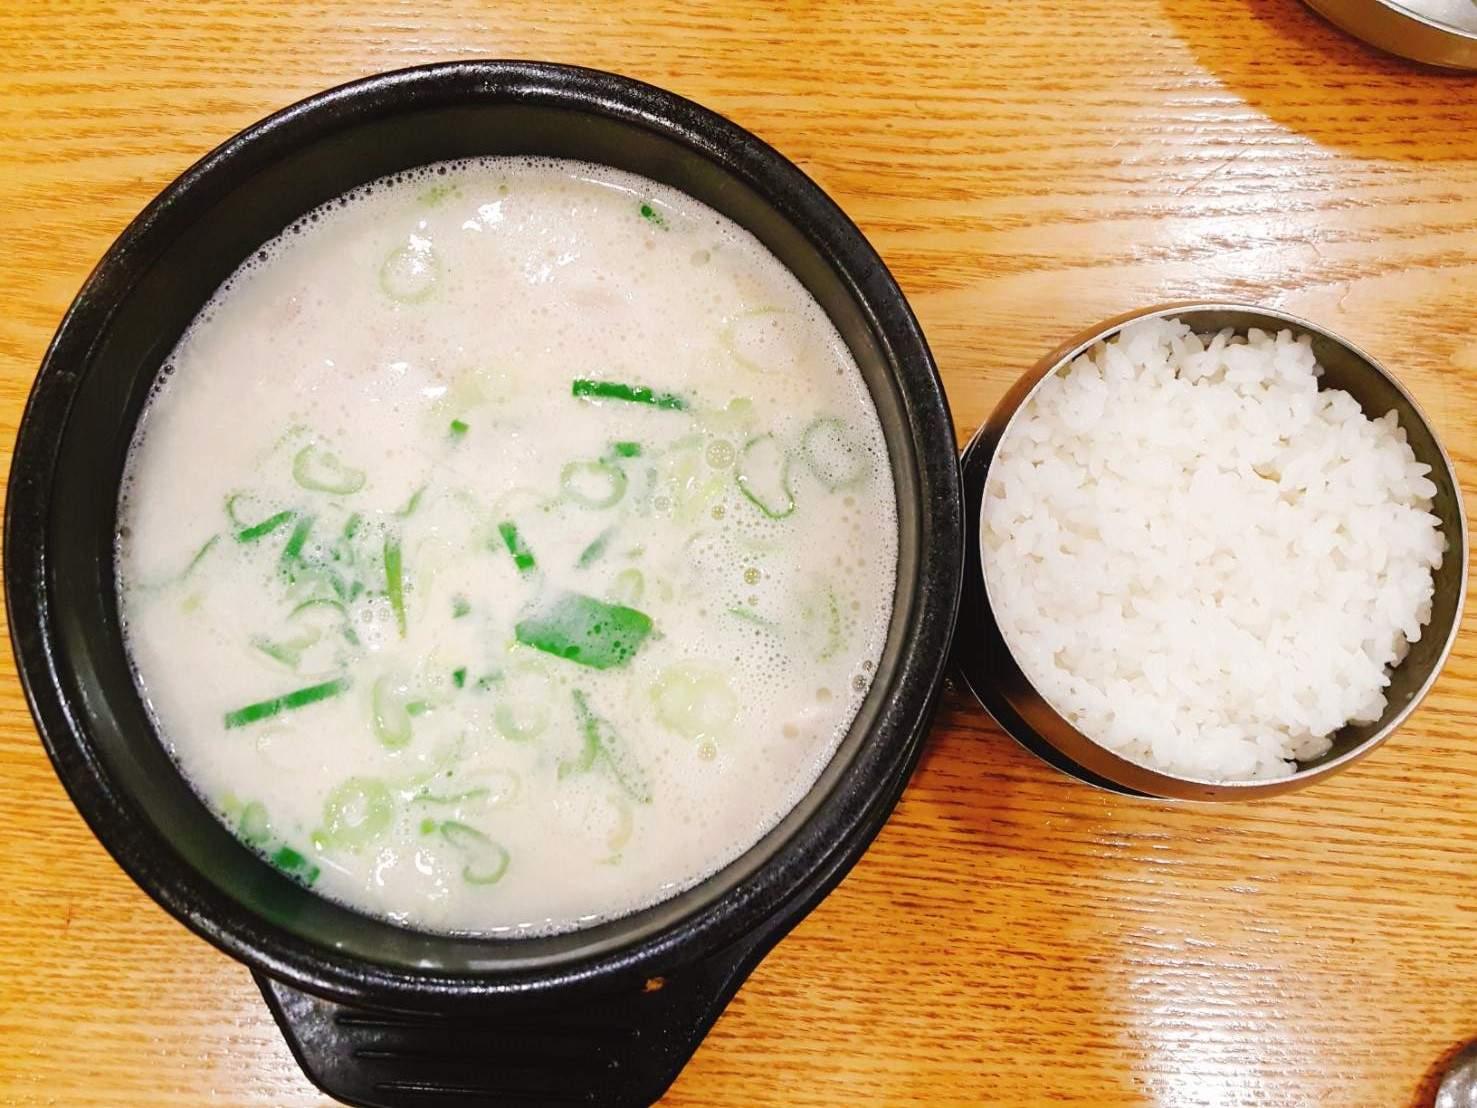 差點就讓鍋物喧賓奪主,主角總算登場了!!看看這碗豬骨用心熬製而成的湯頭,味道濃郁清淡,如果覺得來韓國玩這幾天吃太多種口味的食物,也可以嚐嚐湯飯類料理喔~